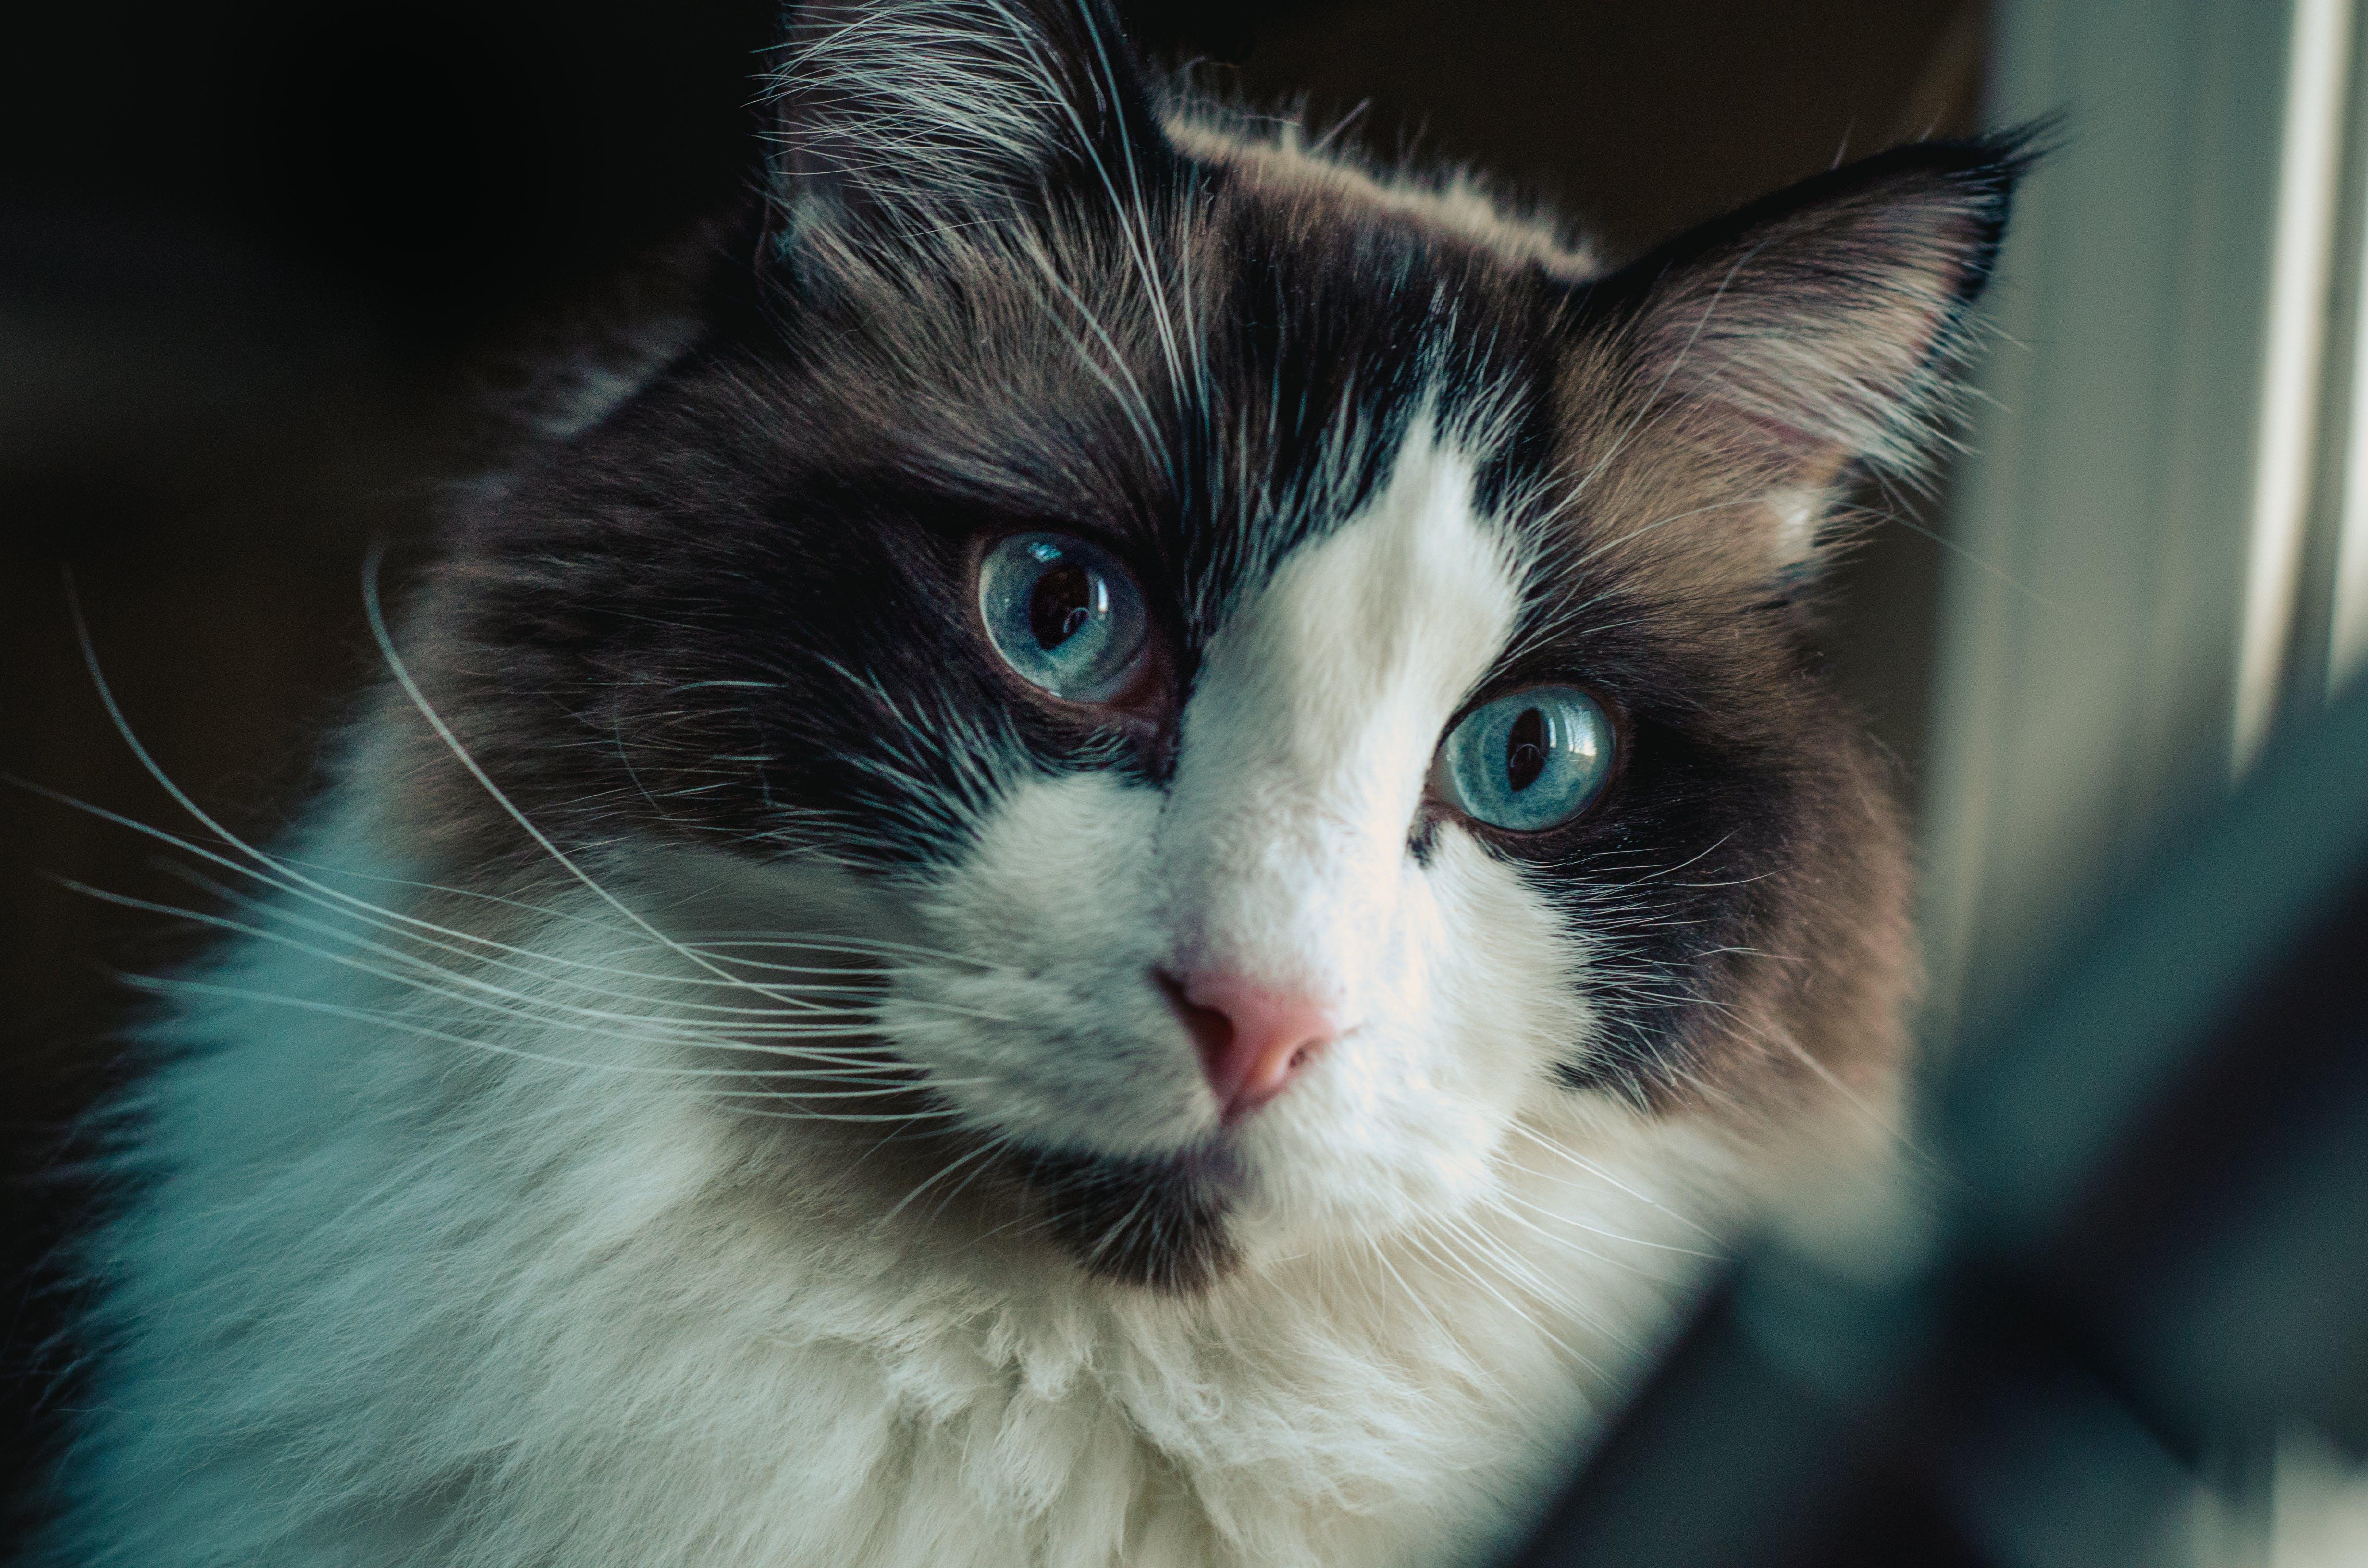 Free stock photo of animals, blue eyes, cat, feline